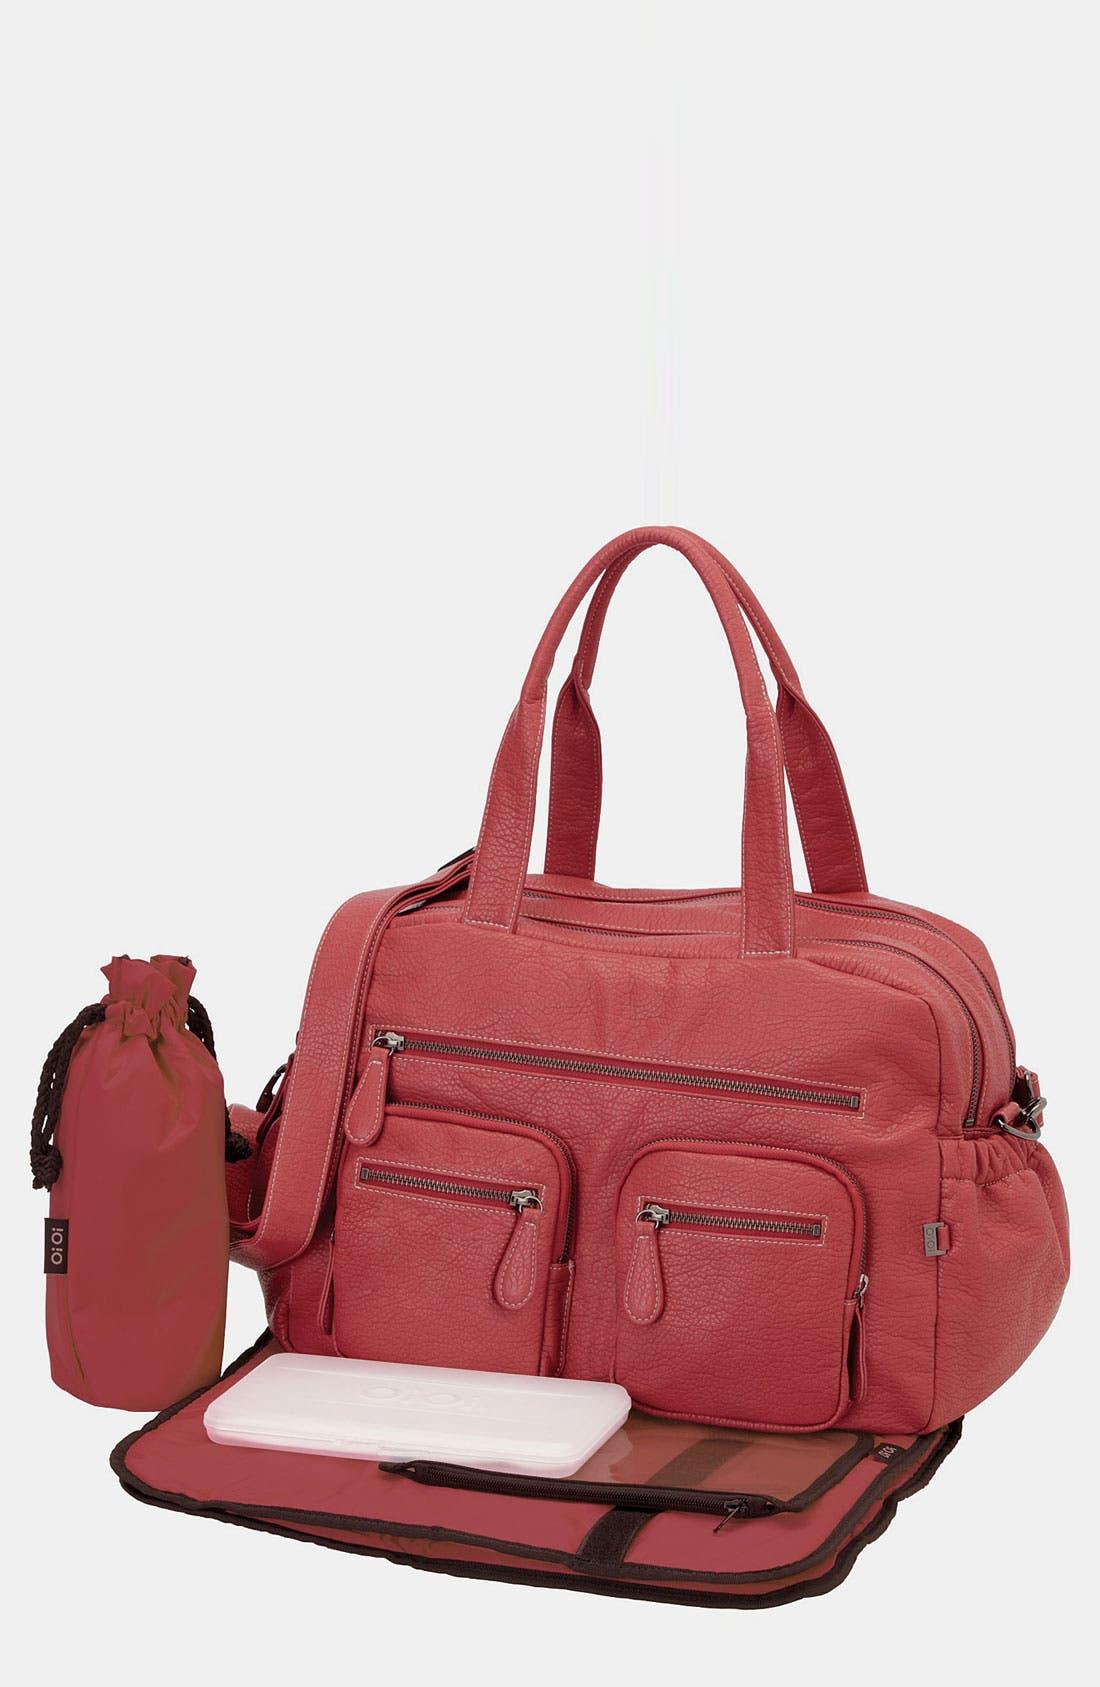 OiOi Carryall Diaper Bag